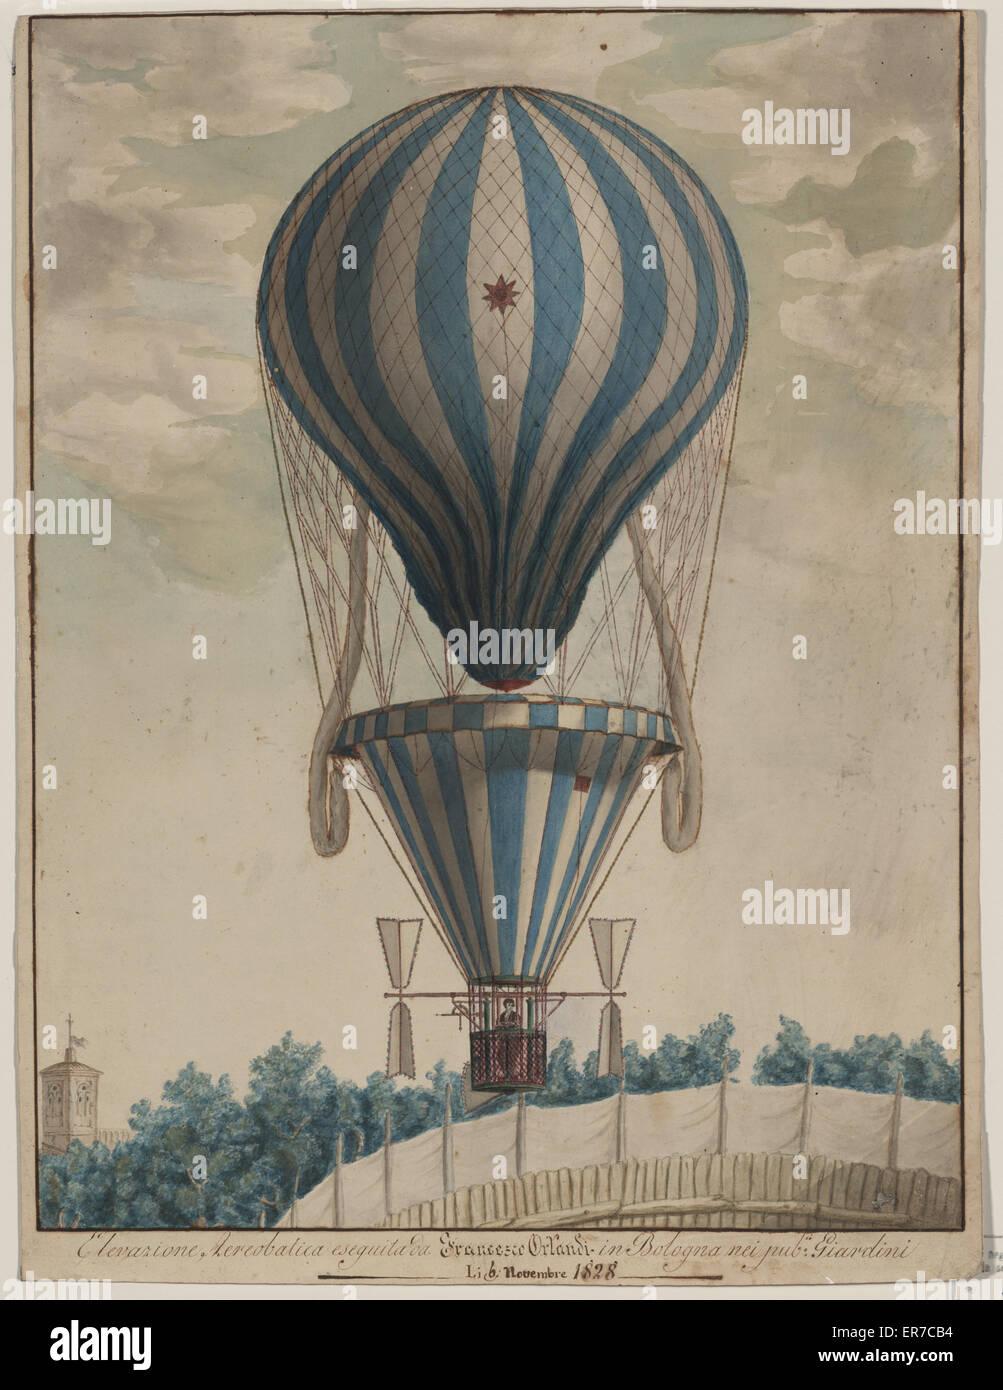 Elevazione aereobatica eseguita da Francesco Orlandi in Bologna nei pub. i Giardini, li 6 novembre 1828. Drawing - Stock Image